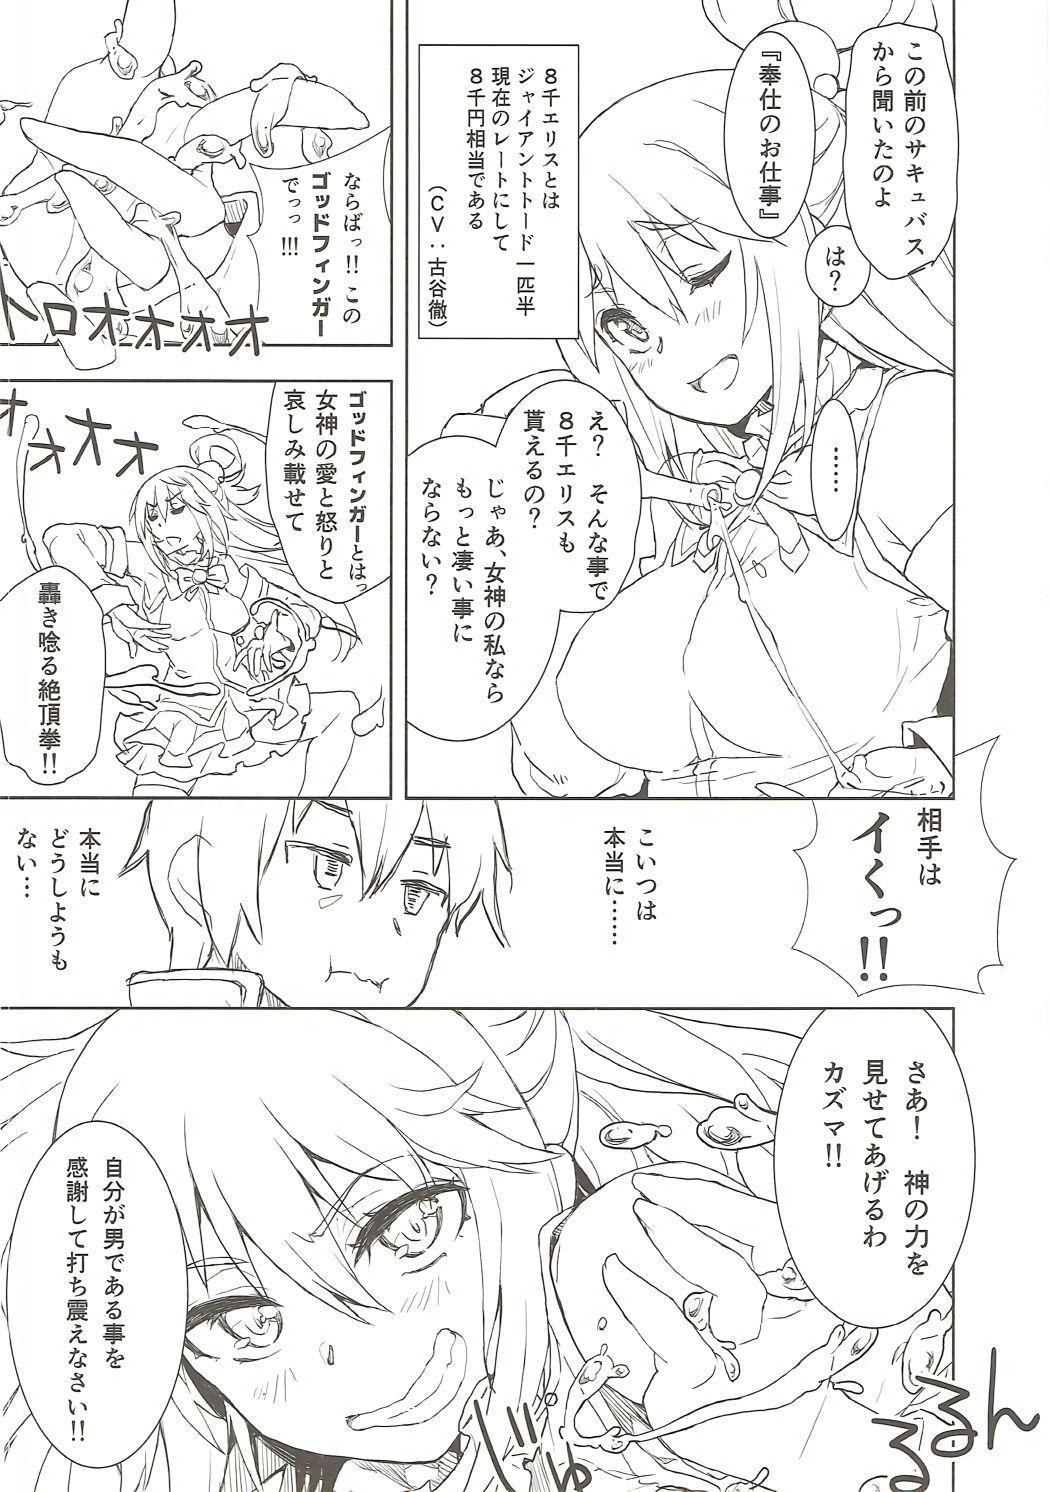 Ero Subarashii Sekai ni Syukufuku o! 18